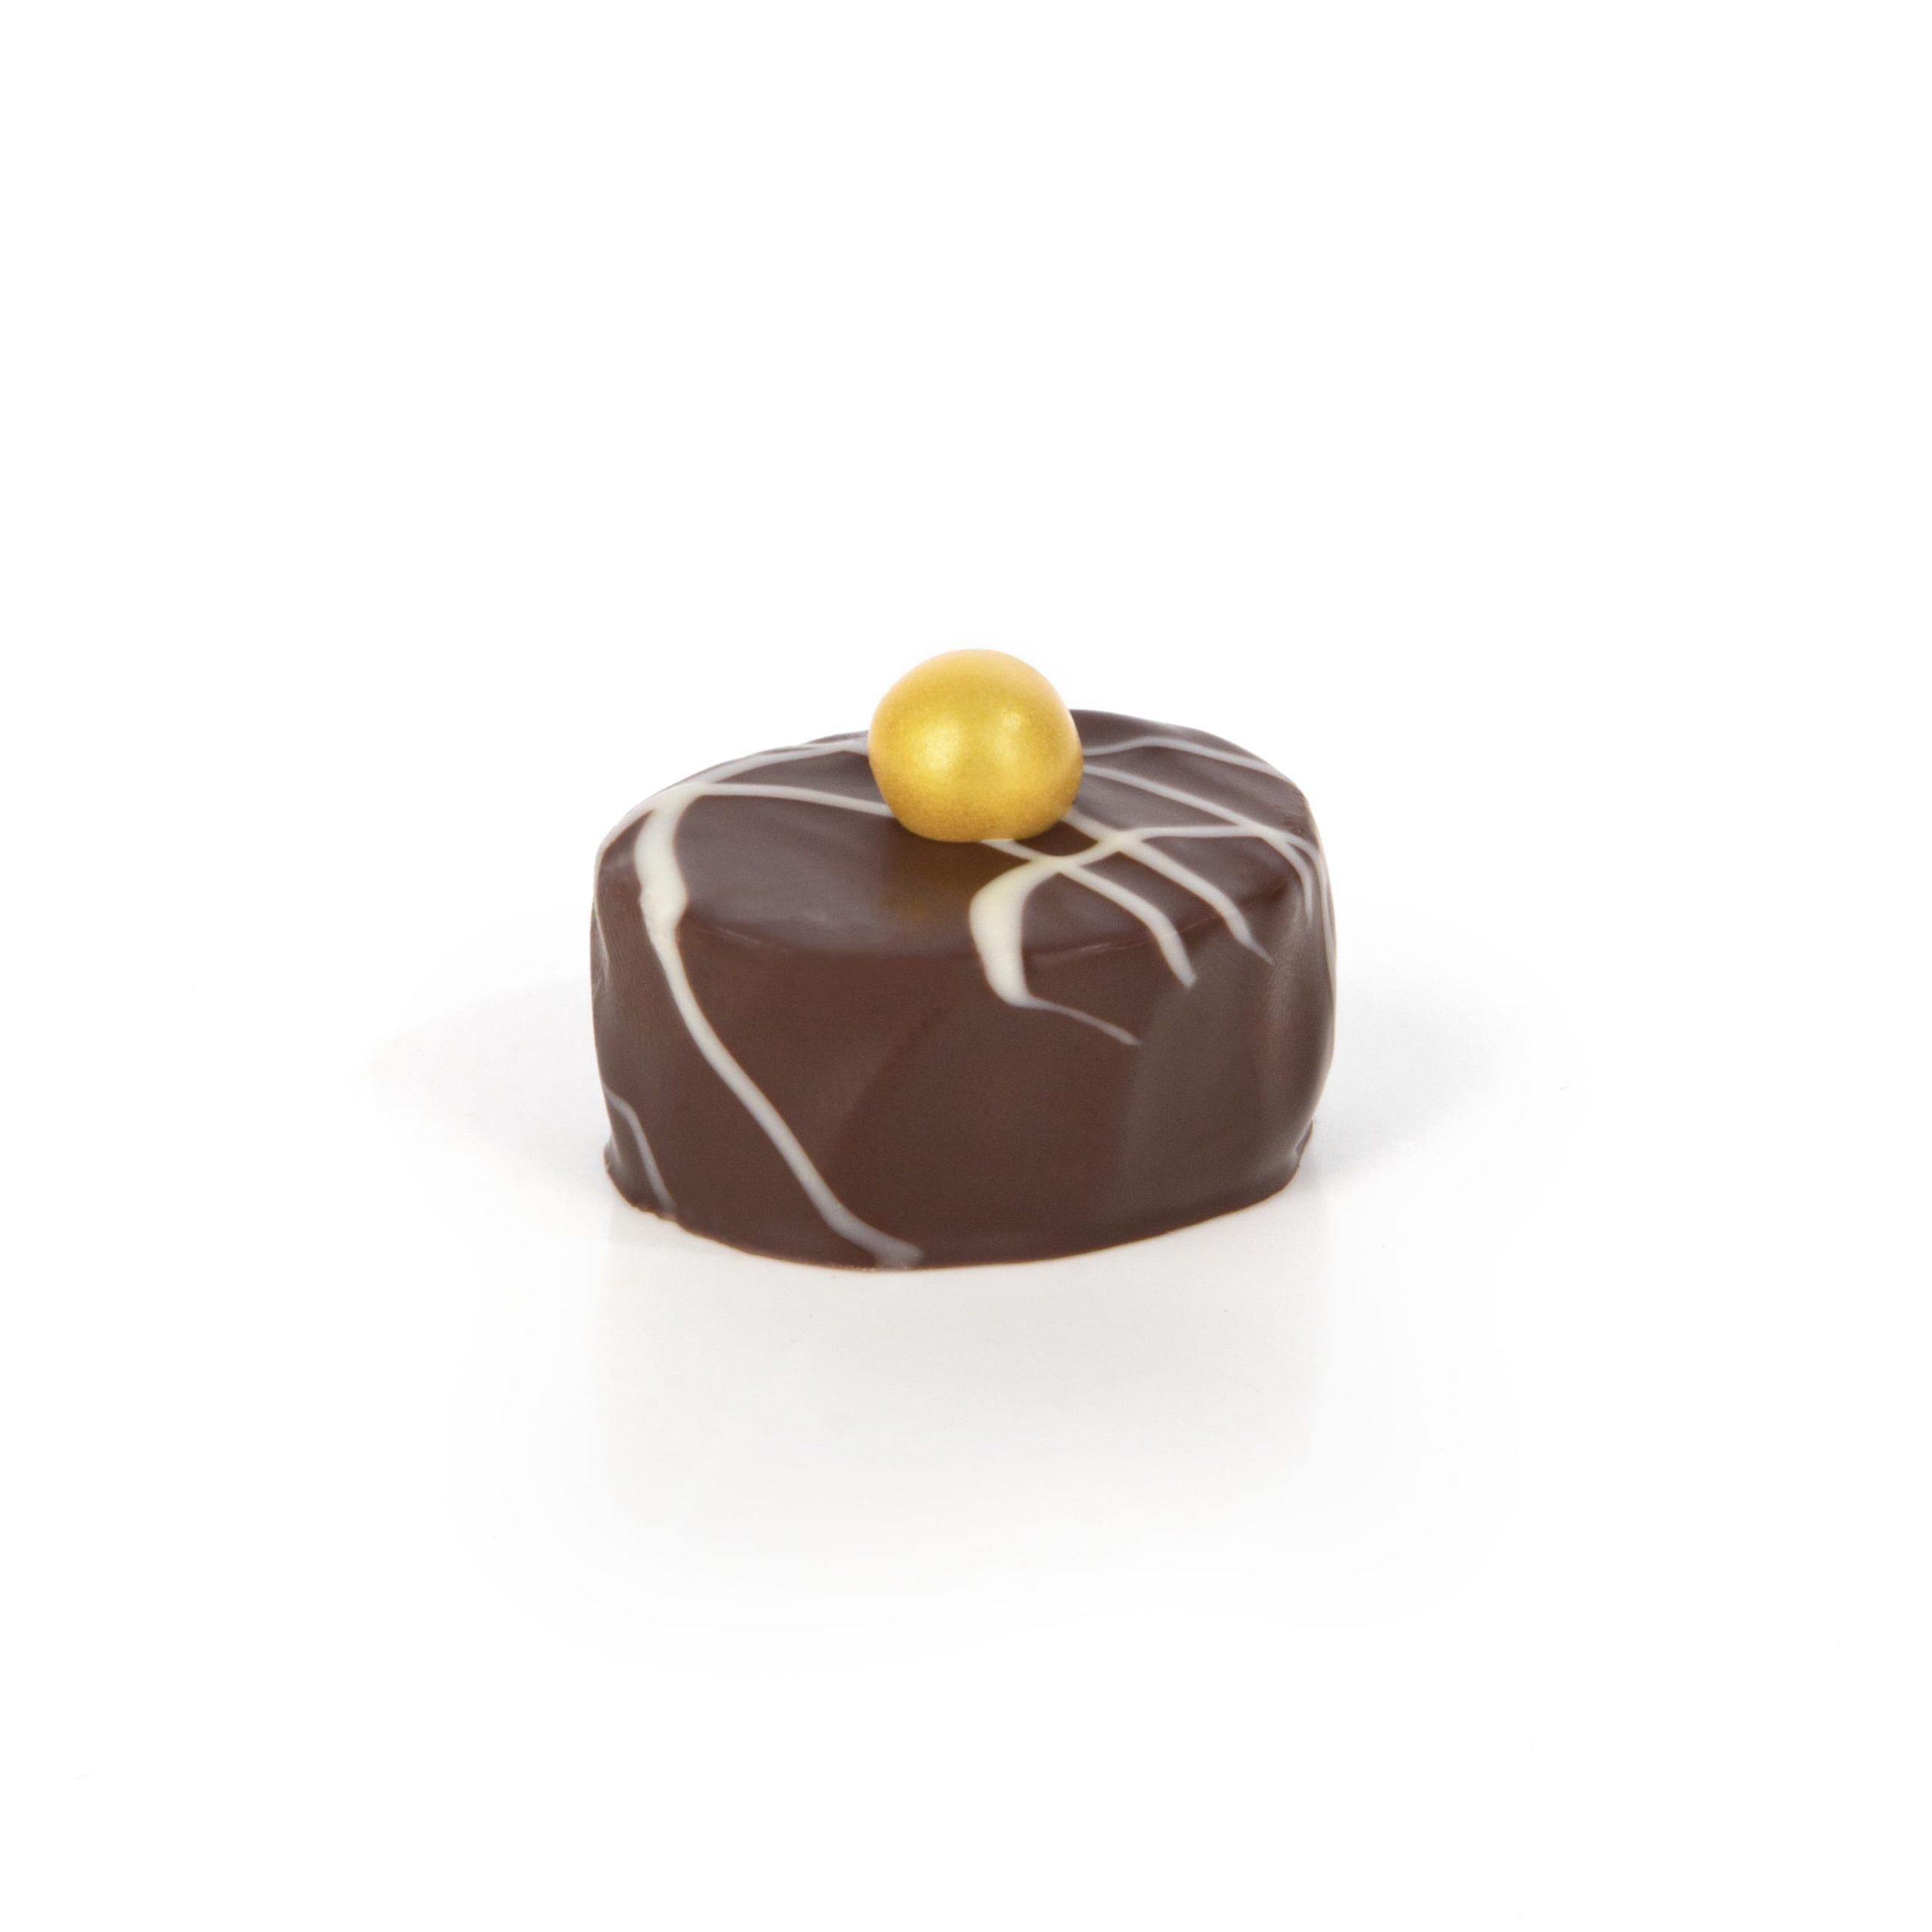 Bonbon - Amaretto